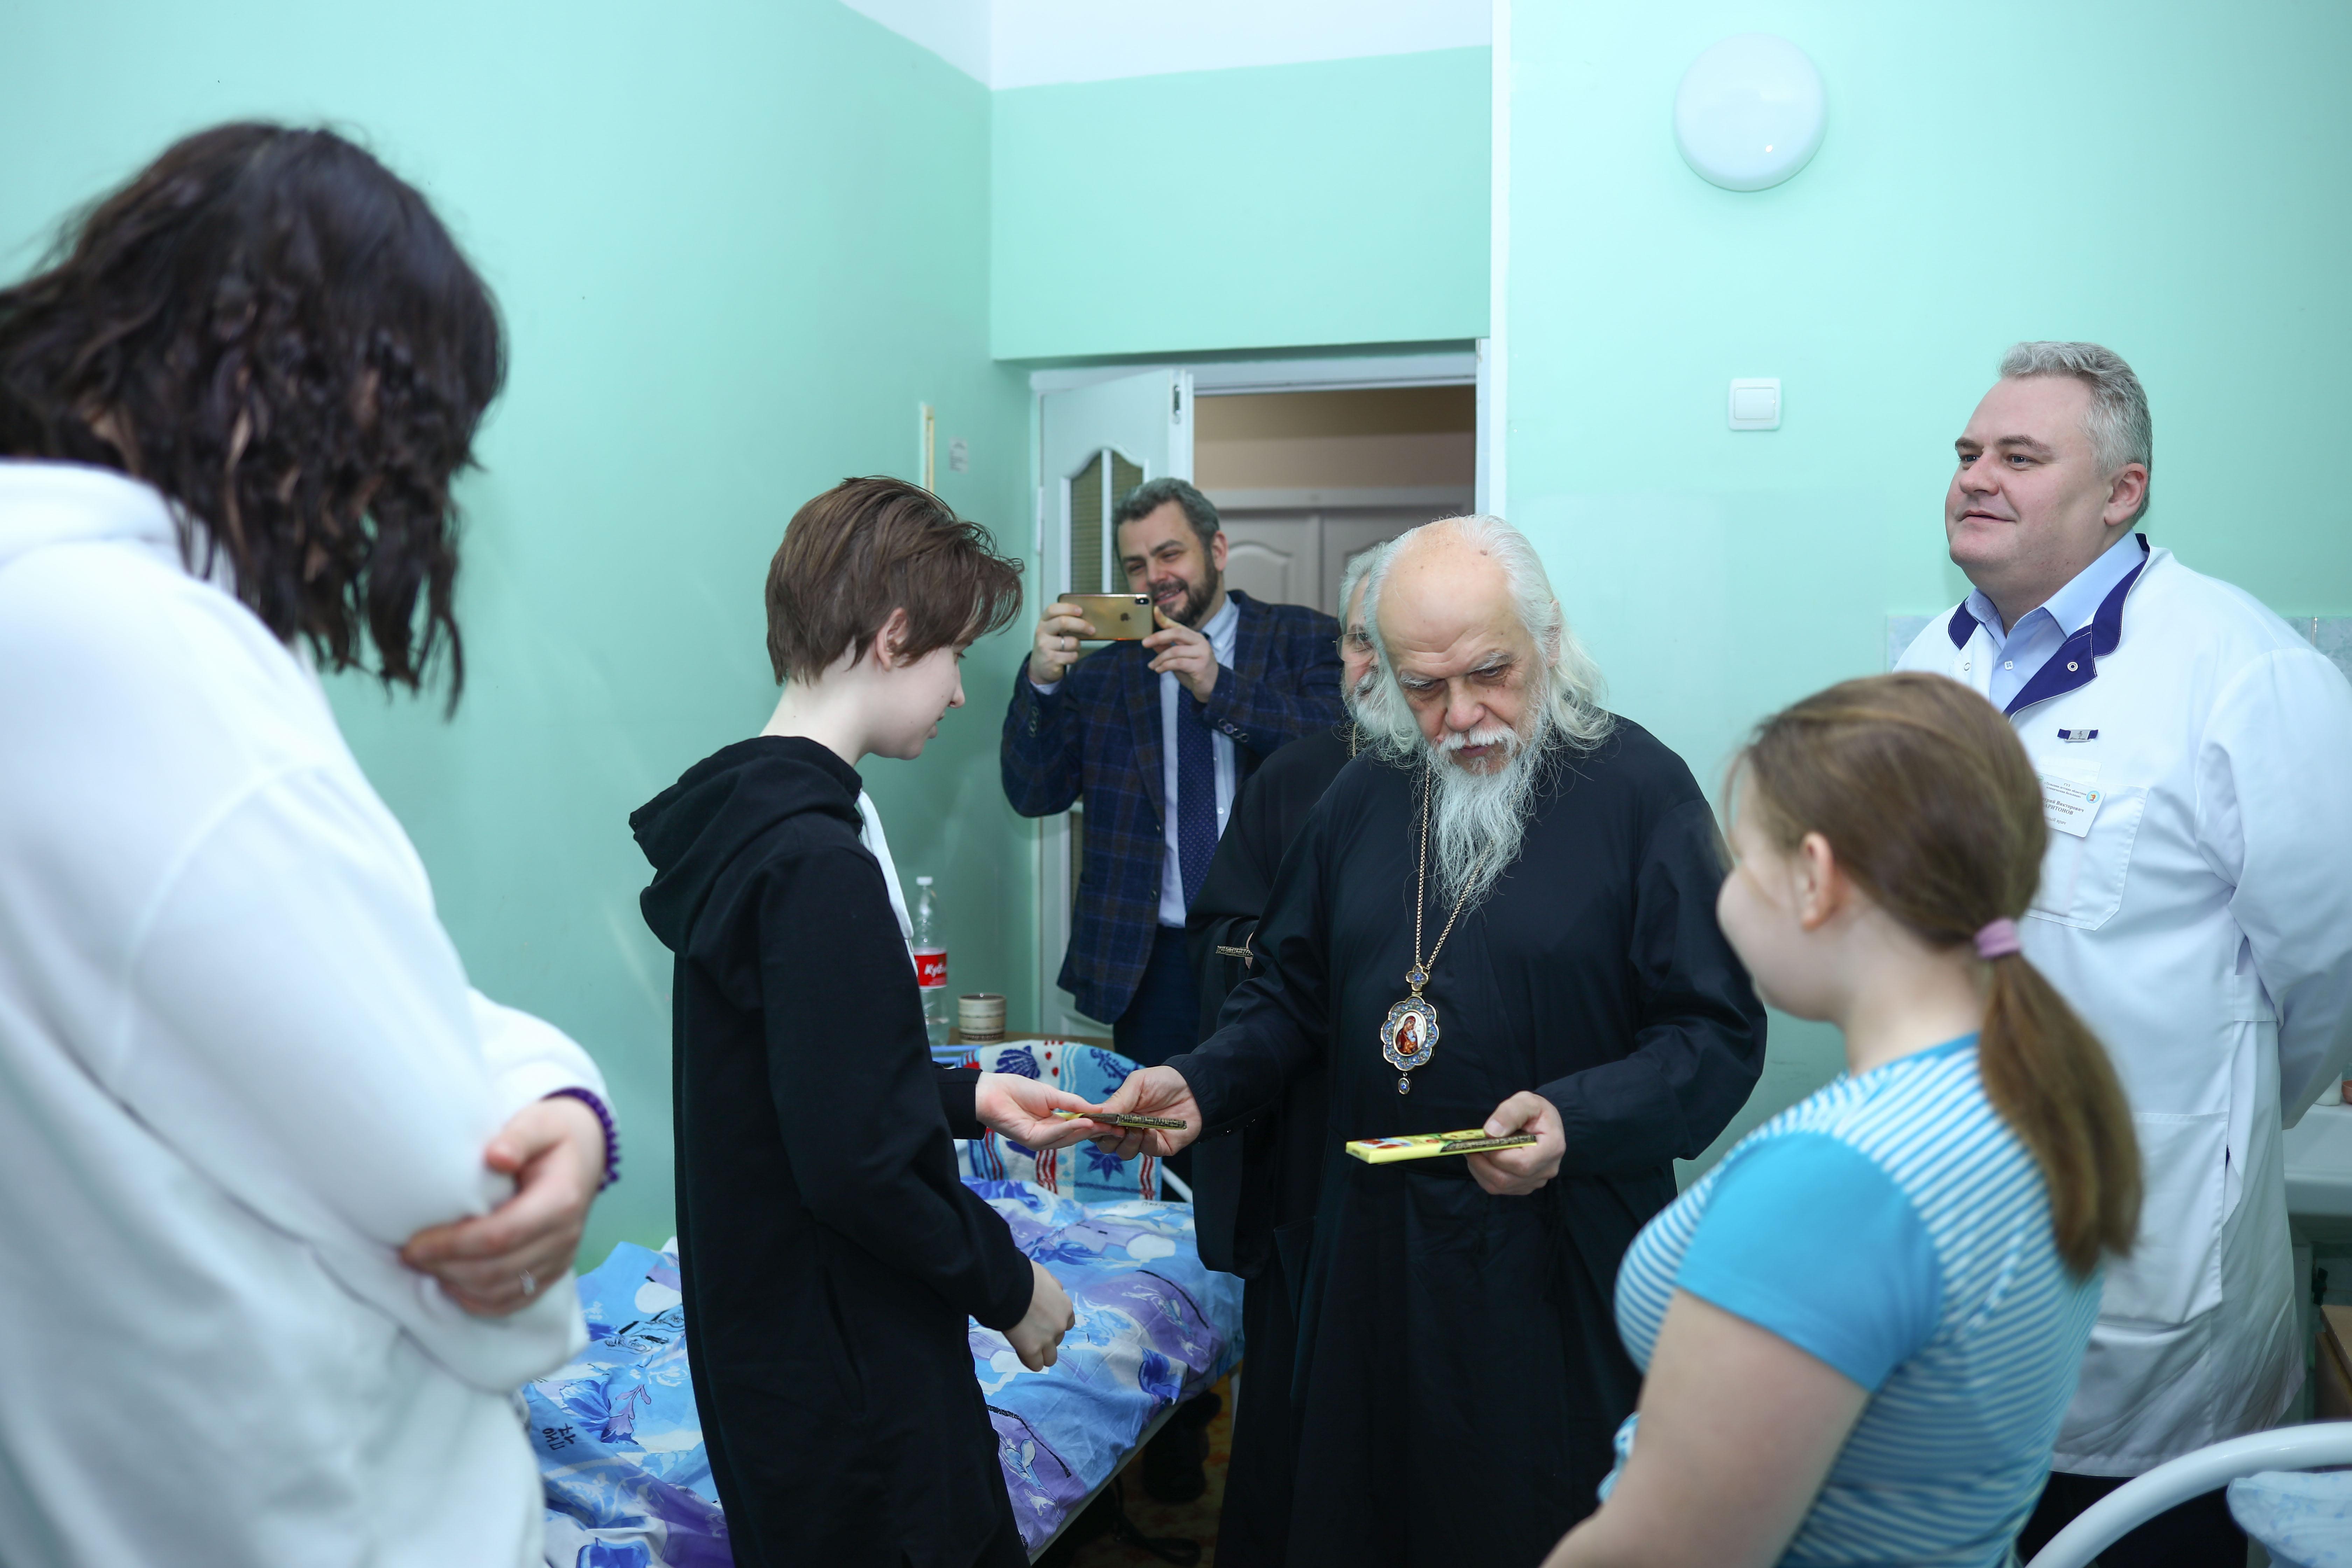 Председатель Синодального отдела навестил пациентов детской областной больницы. Фото: пресс-служба Тульской митрополии